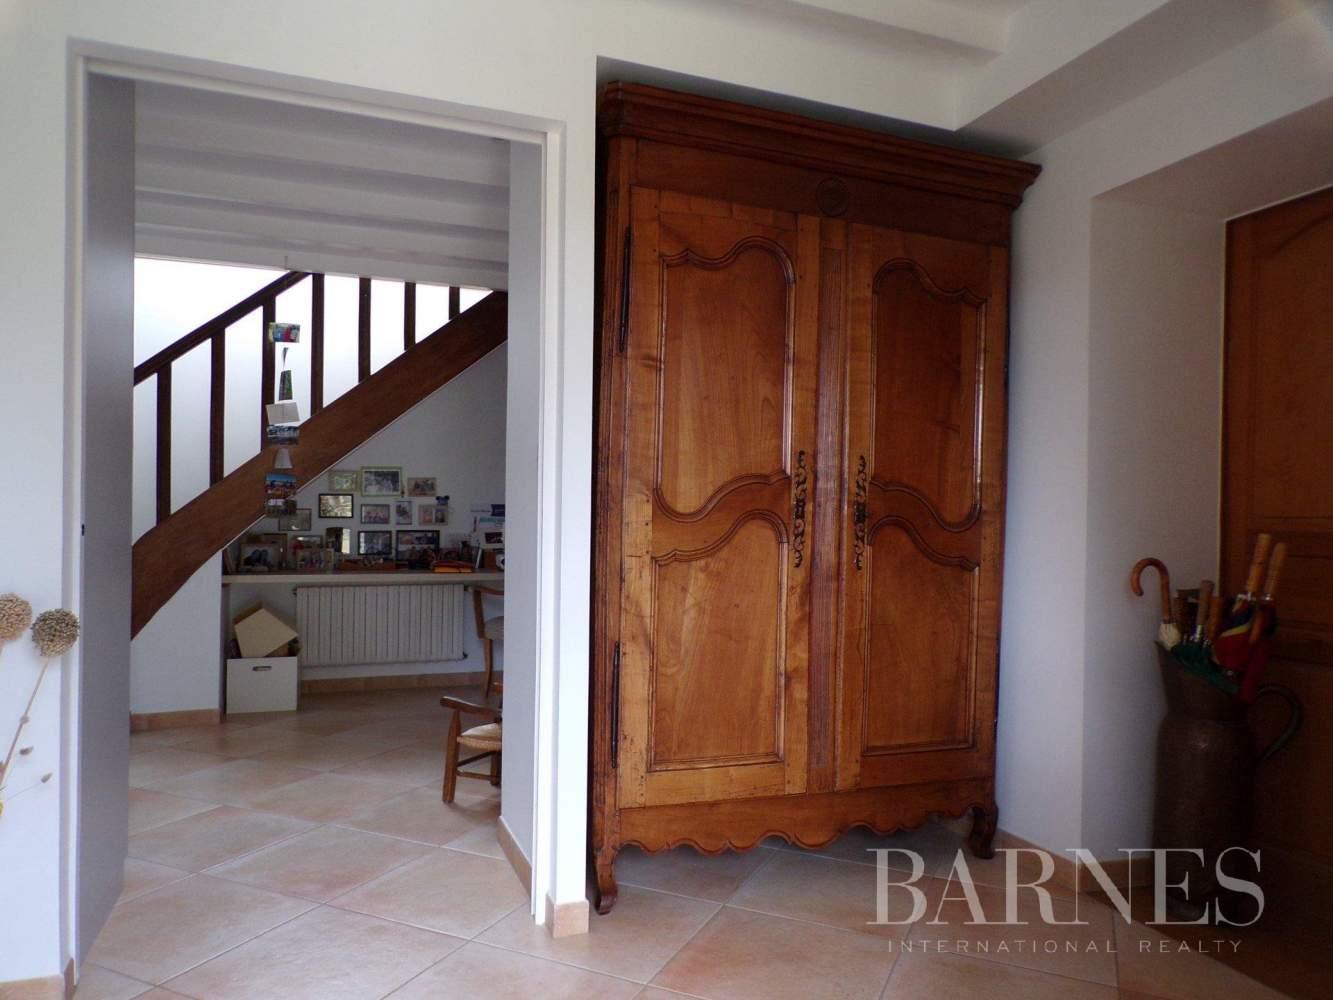 Talmont-Saint-Hilaire  - Maison 8 Pièces - picture 5